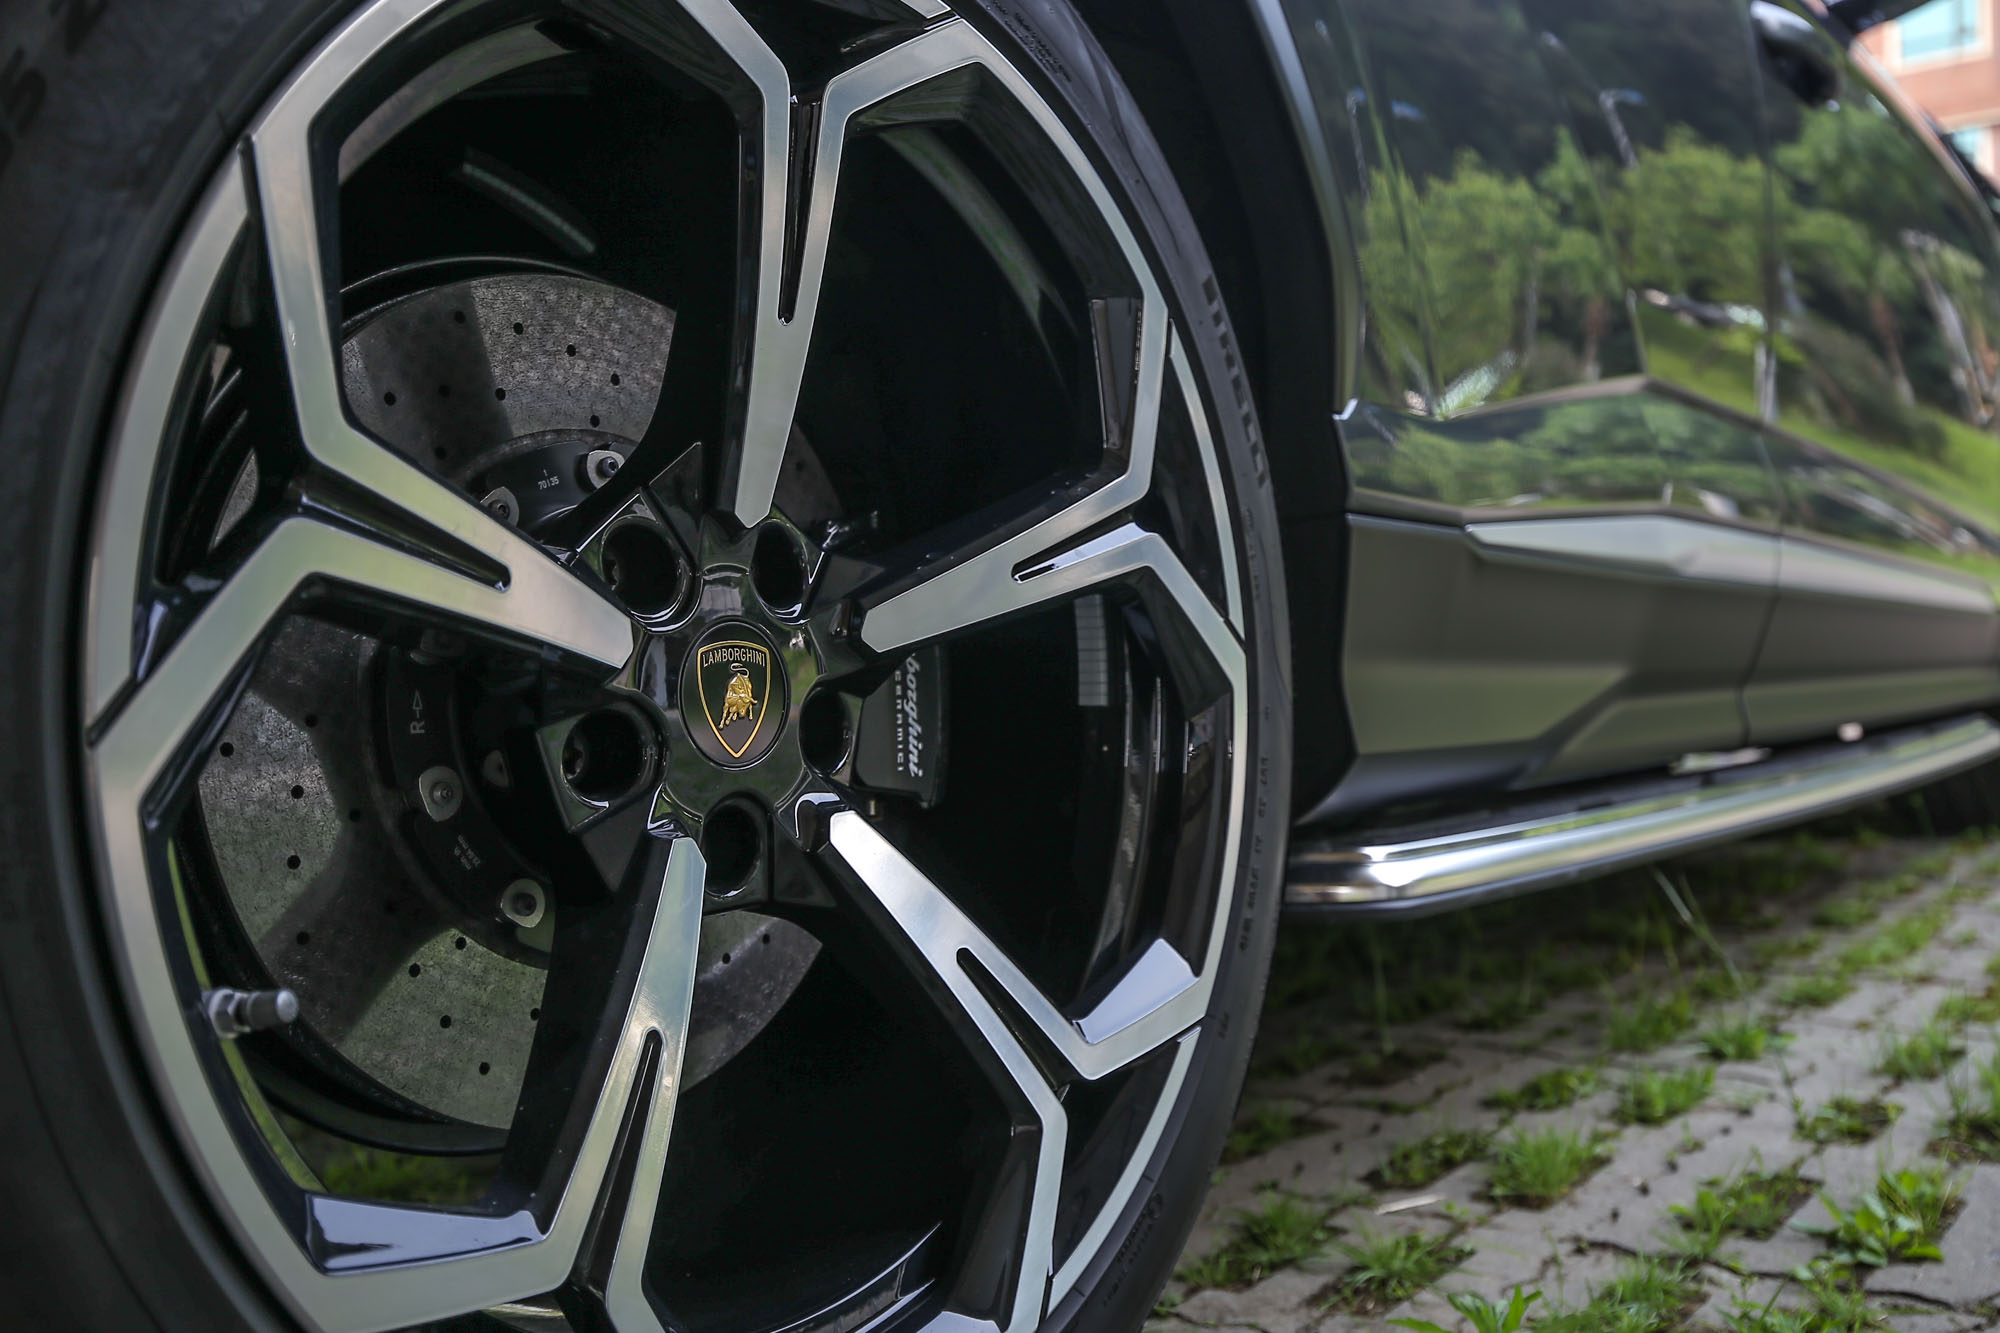 升級至22吋的胎圈規格,大方的展示裏頭的陶瓷碳纖維煞車系統,更是宣揚制動性能的最佳舞台。